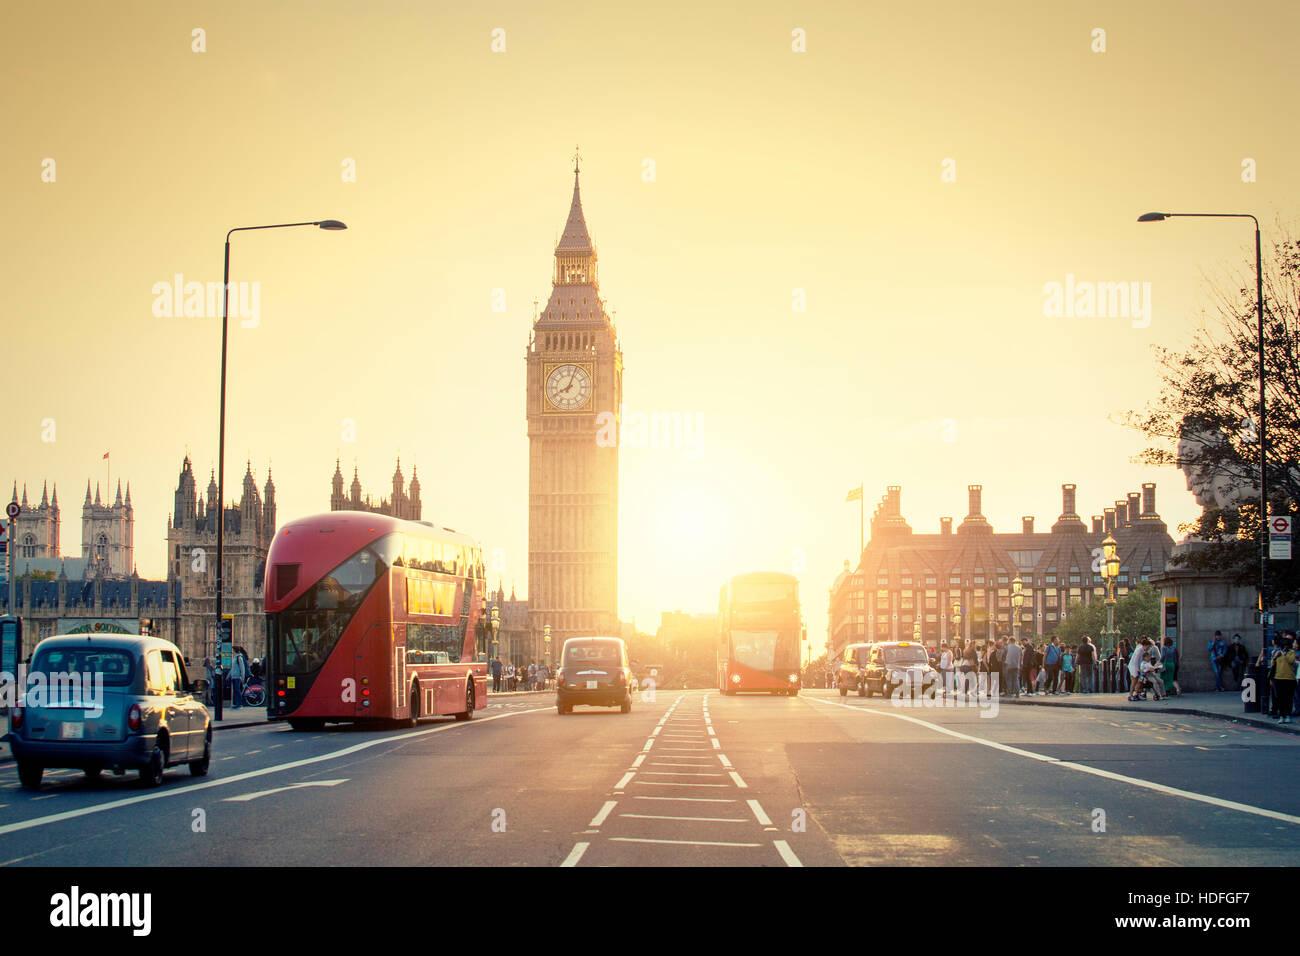 Londra, Regno Unito, Palazzo di Westminster e il Big Ben e il traffico sul Westminster Bridge in primo piano Immagini Stock